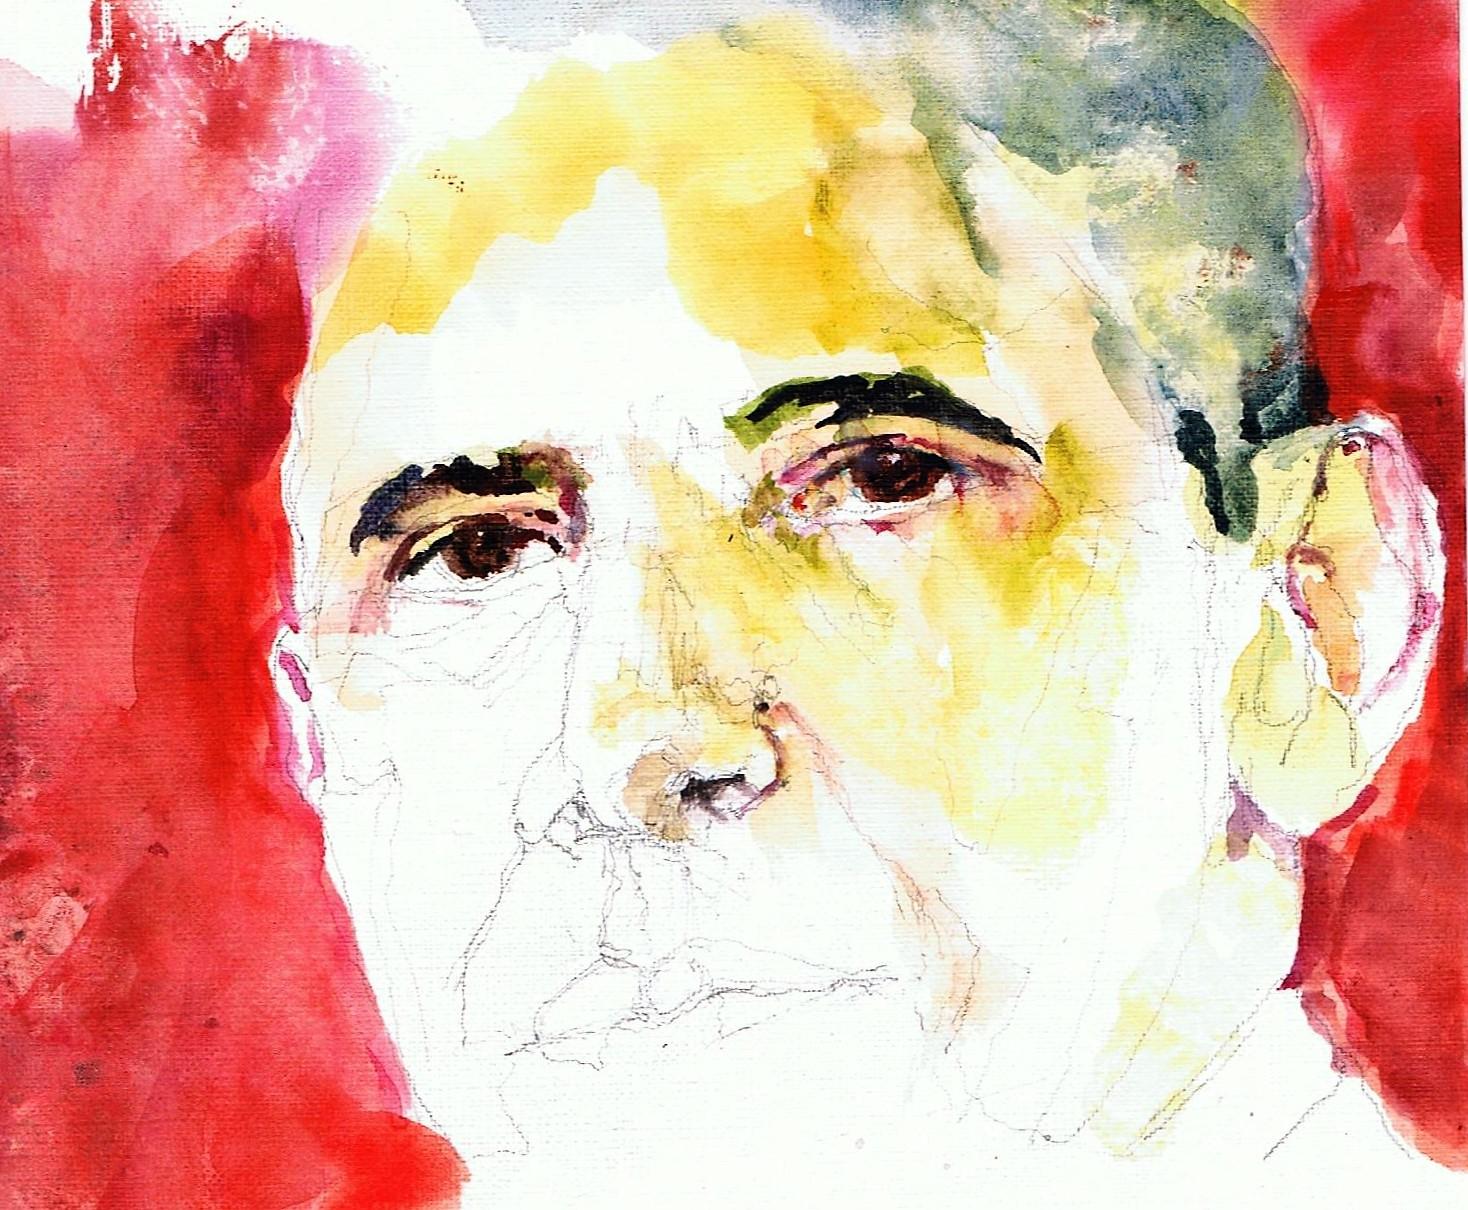 365 dagen een portret 165 Barack Obama, president V.S. Aquarel 19c25